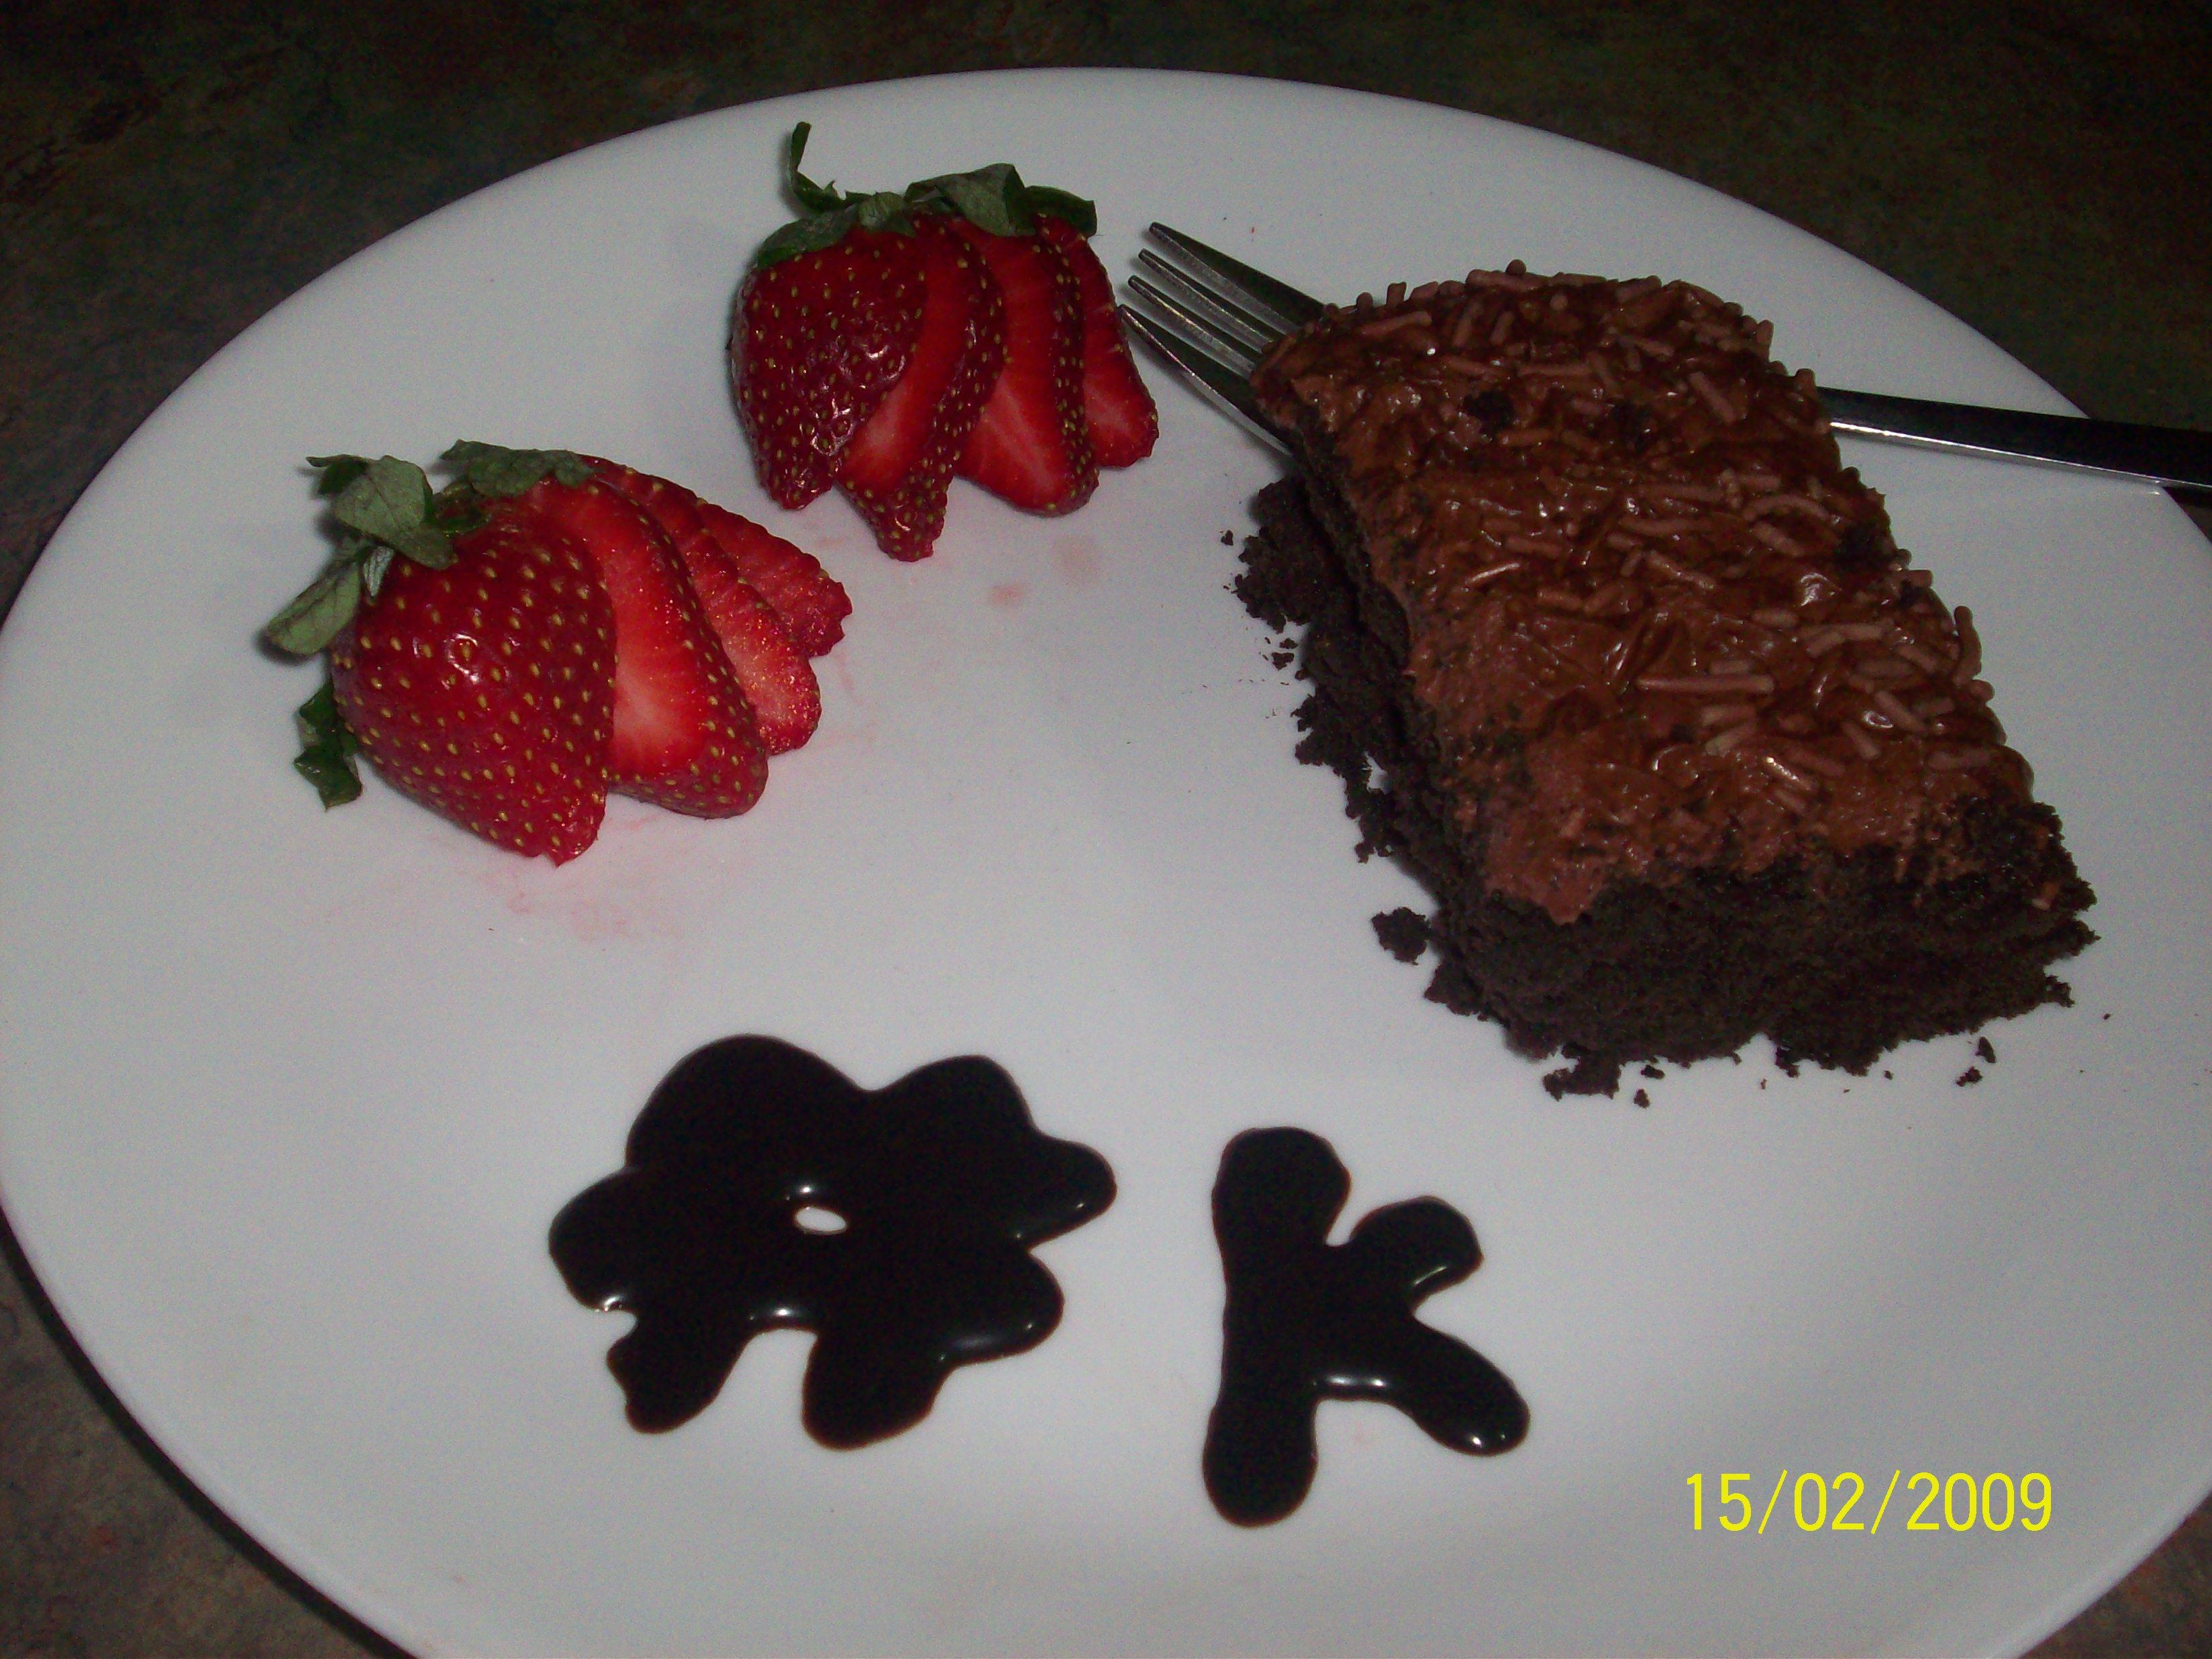 http://foodloader.net/cutie_2009-02-15_Sliced_Triple_Chocolate_Cake.jpg